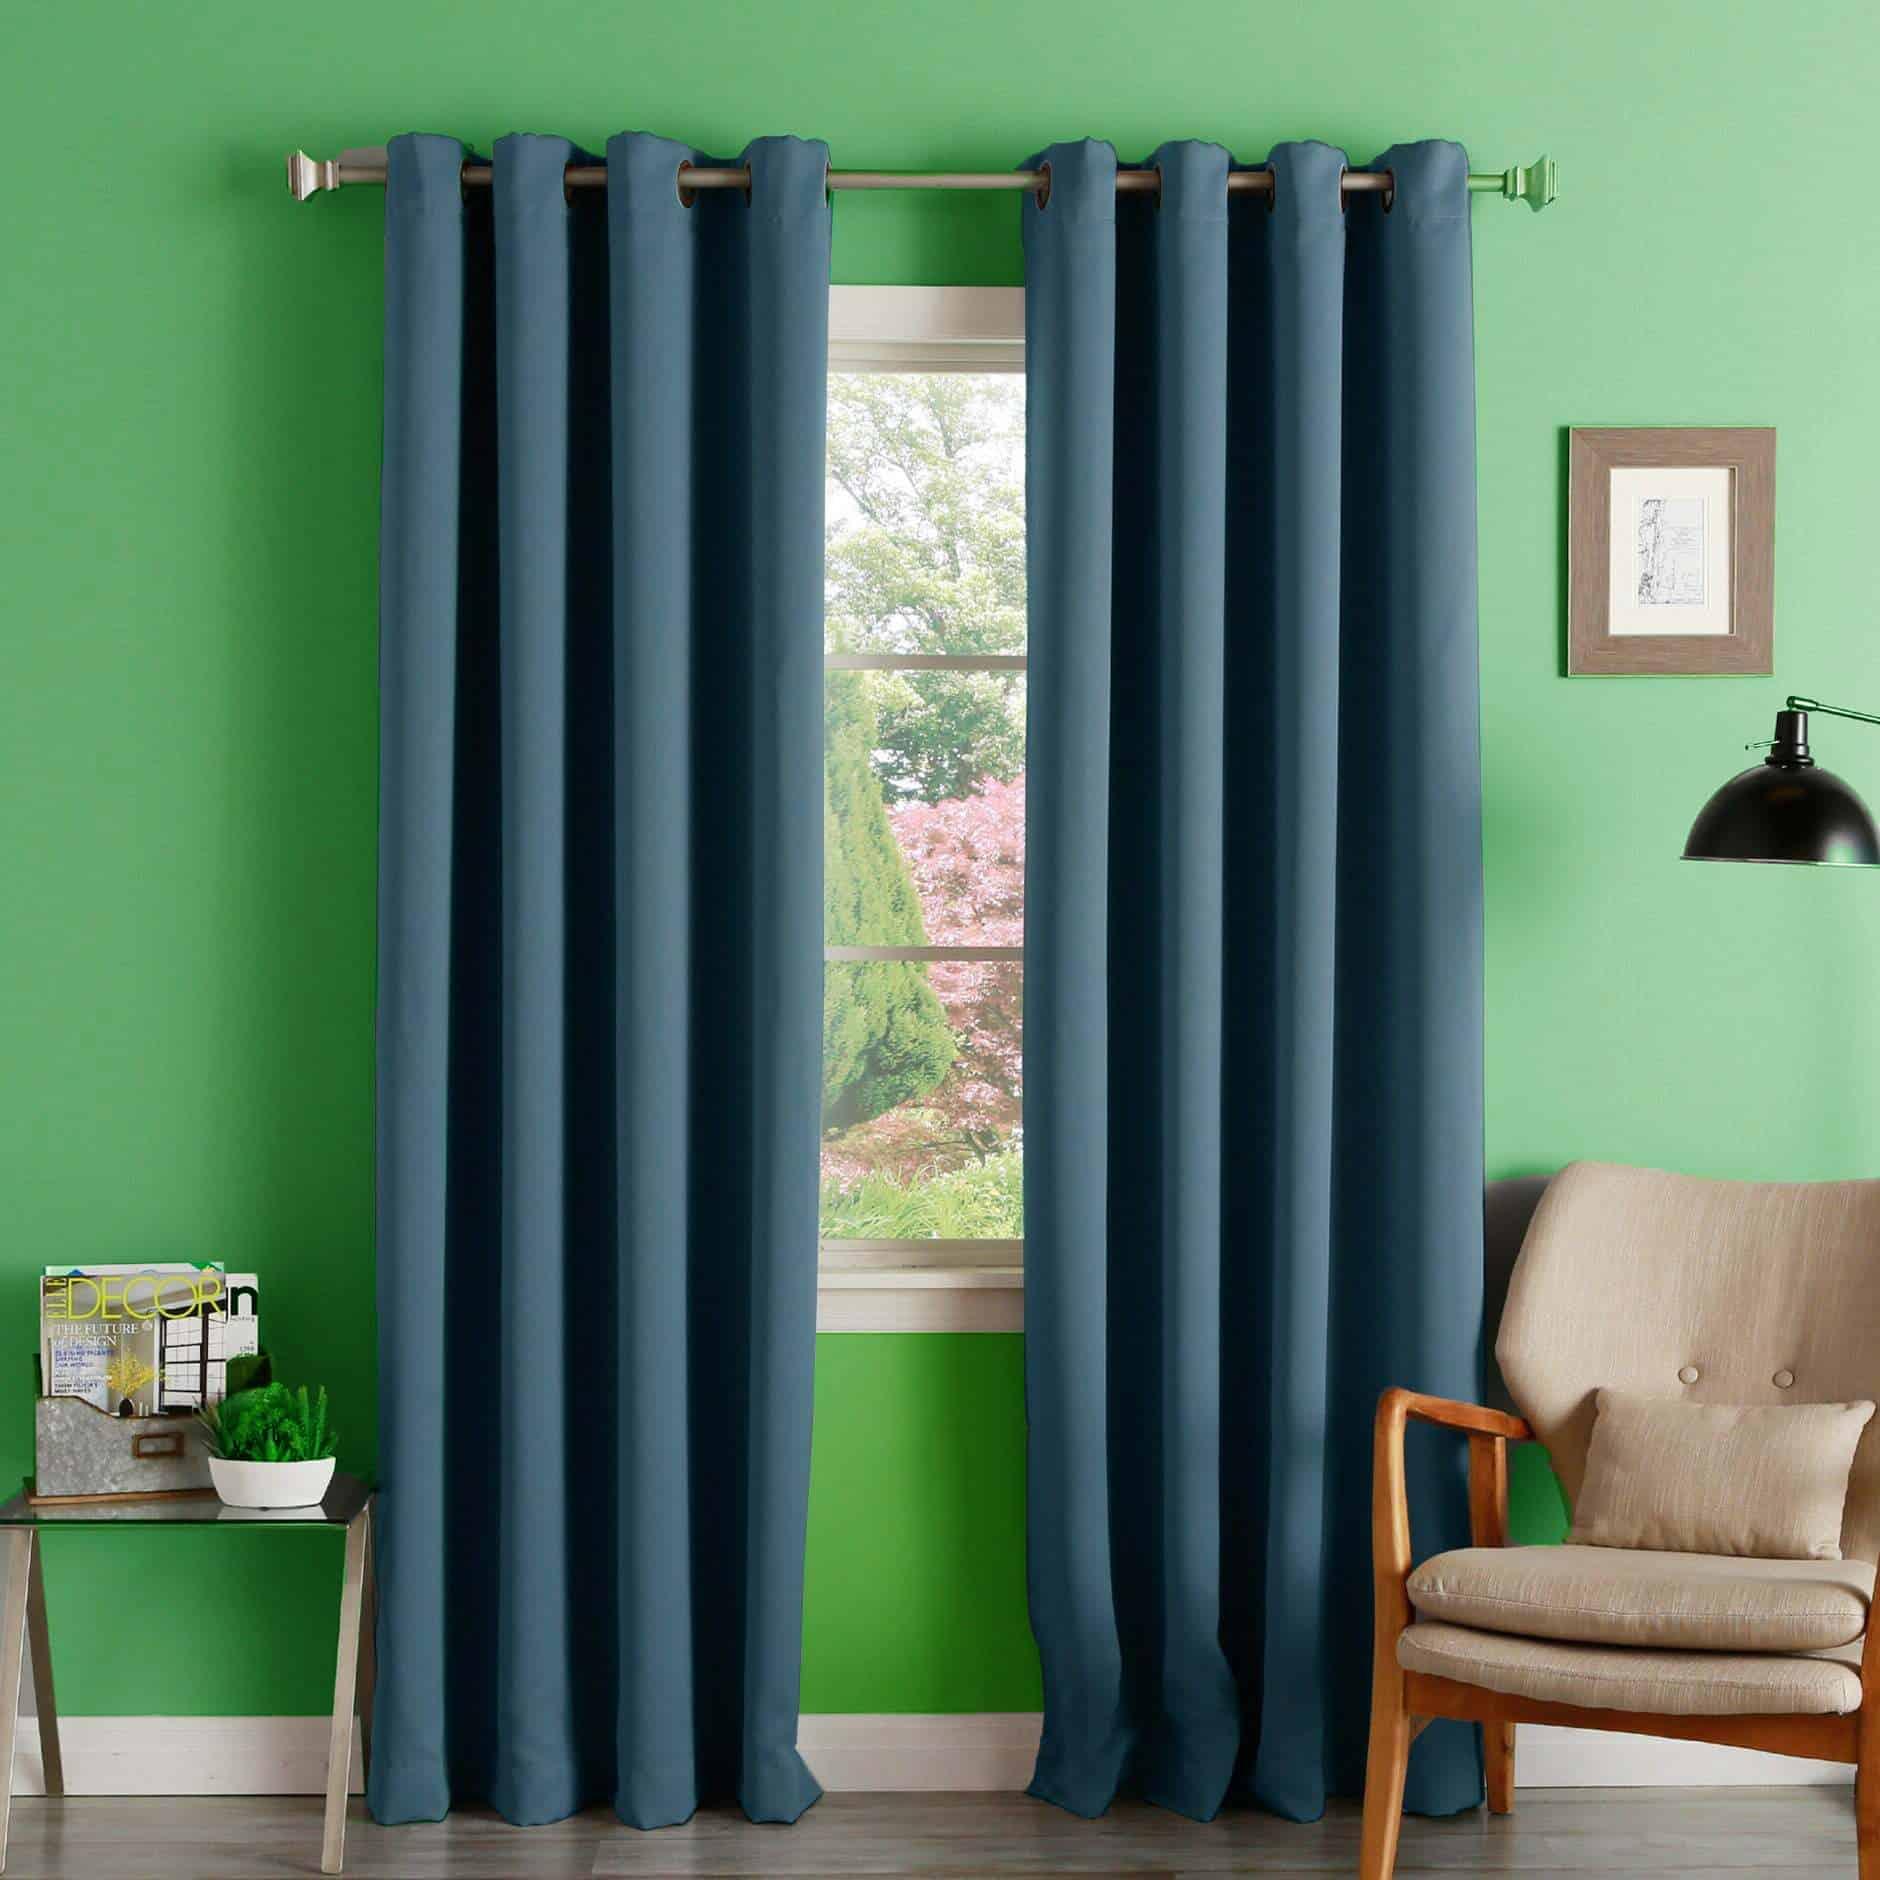 Choose Blue Curtains for a Breath of Fresh Air